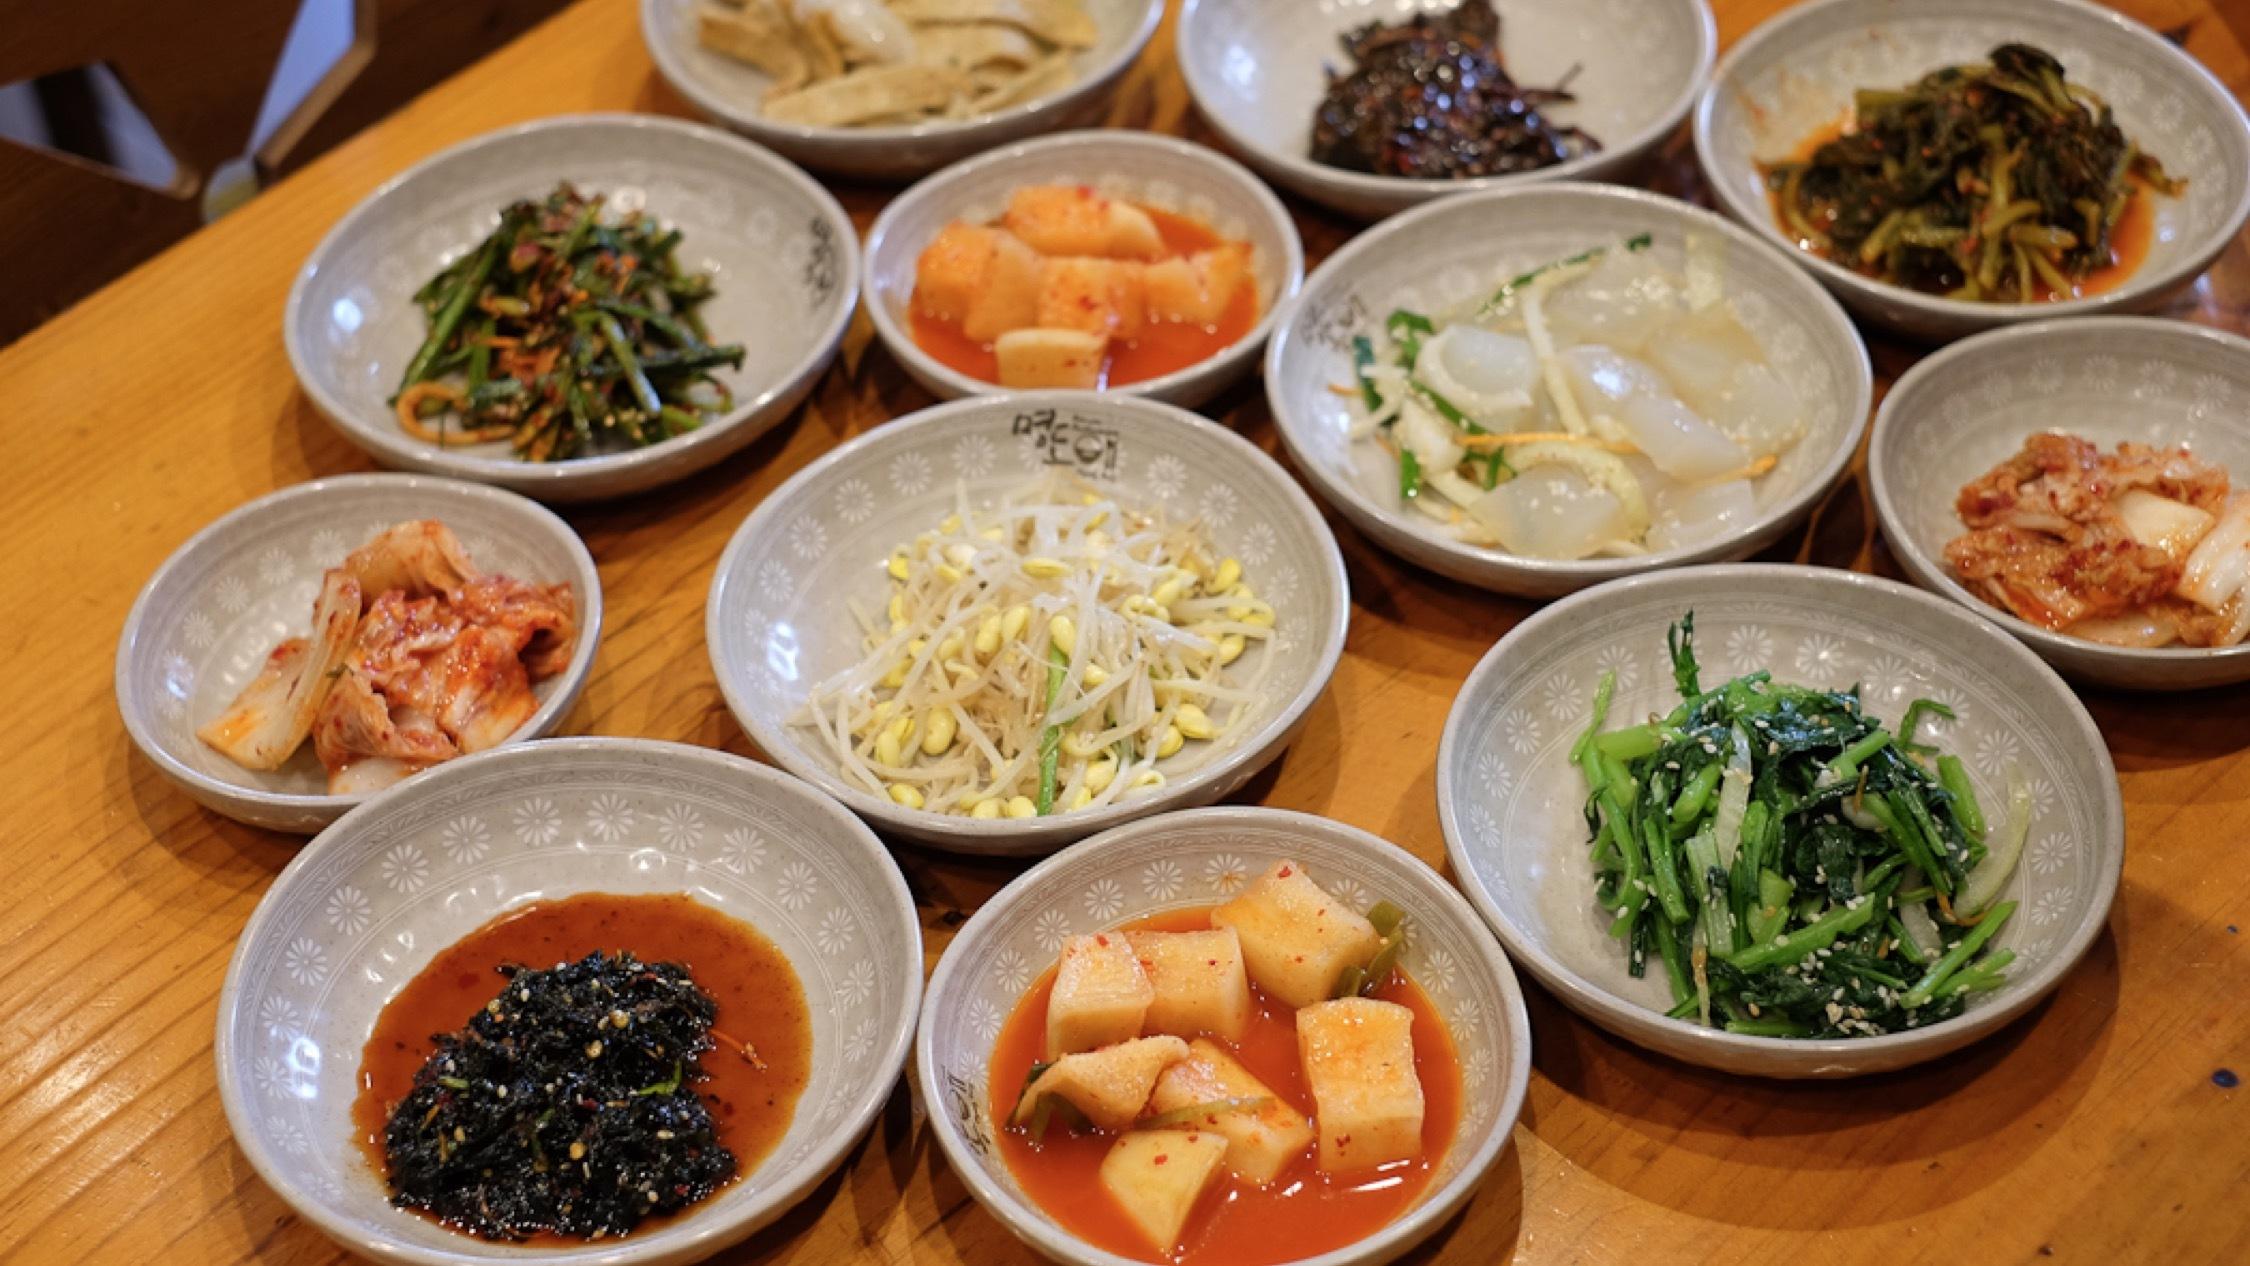 Food at Myeong Dong